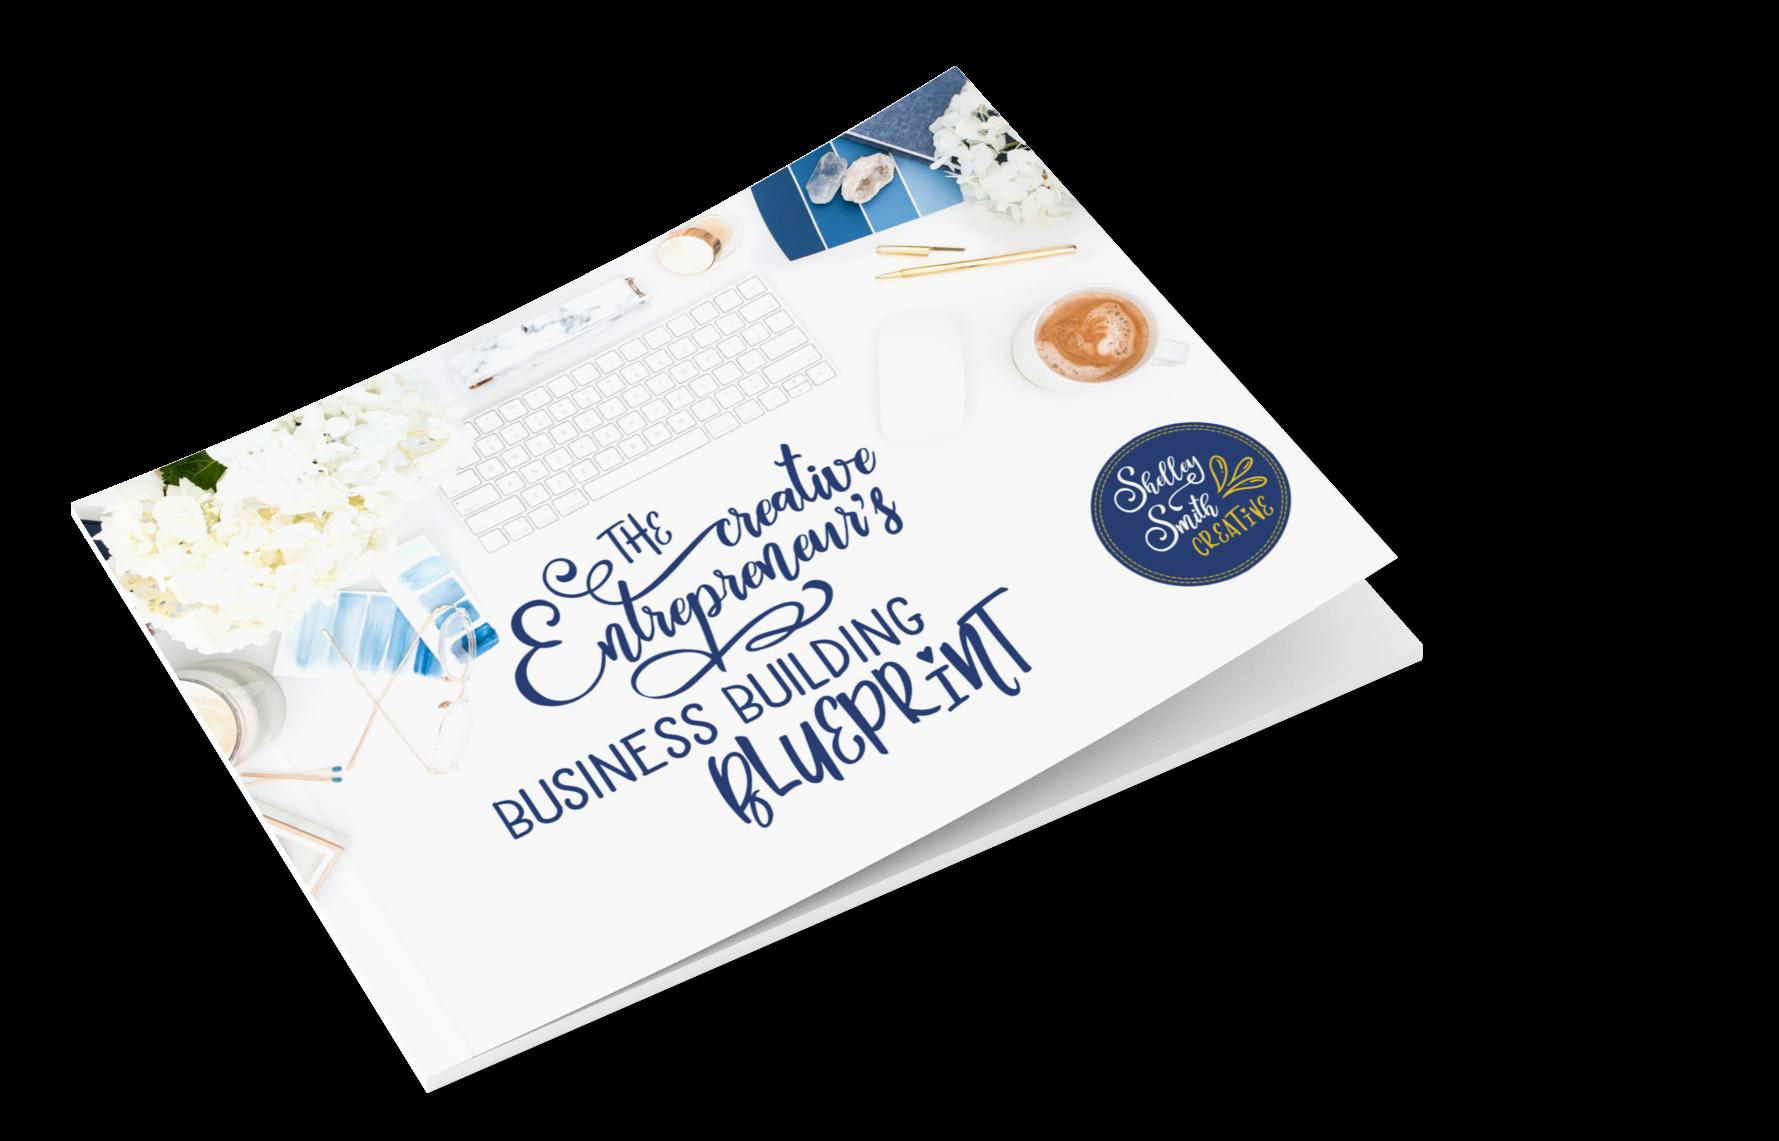 The Creative Entrepreneur's Business Building Blueprint